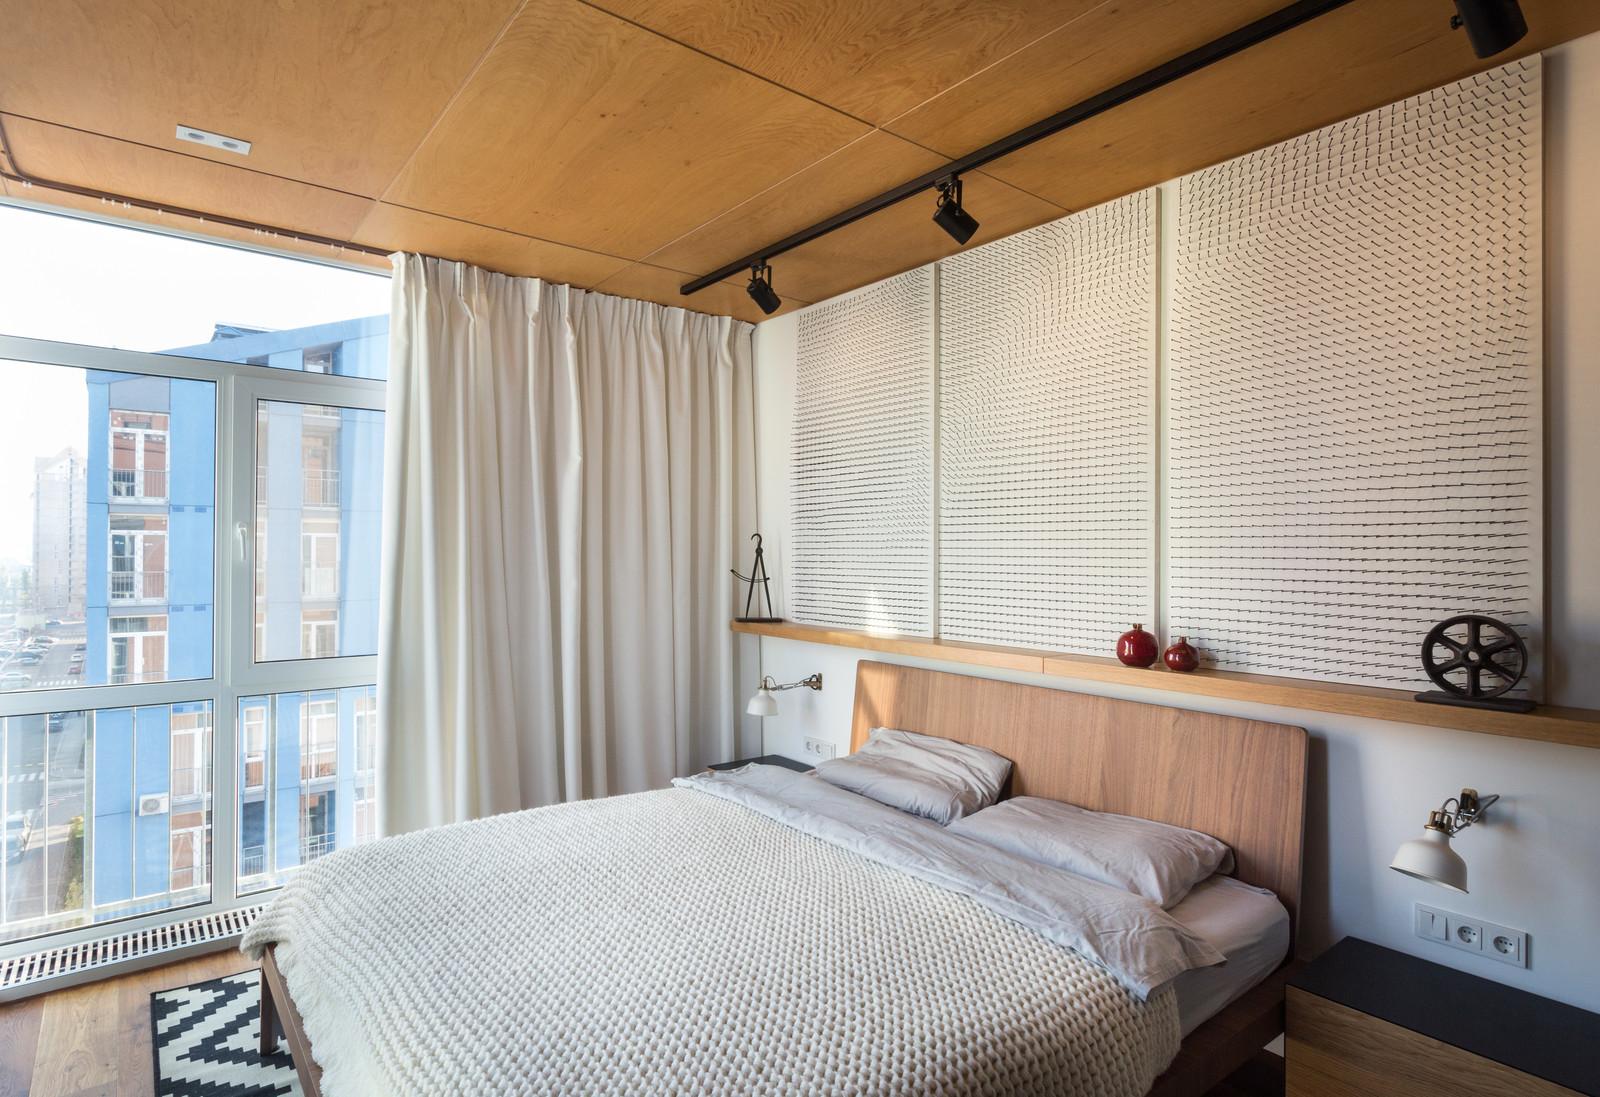 Apartment-design-just3ds.com-11